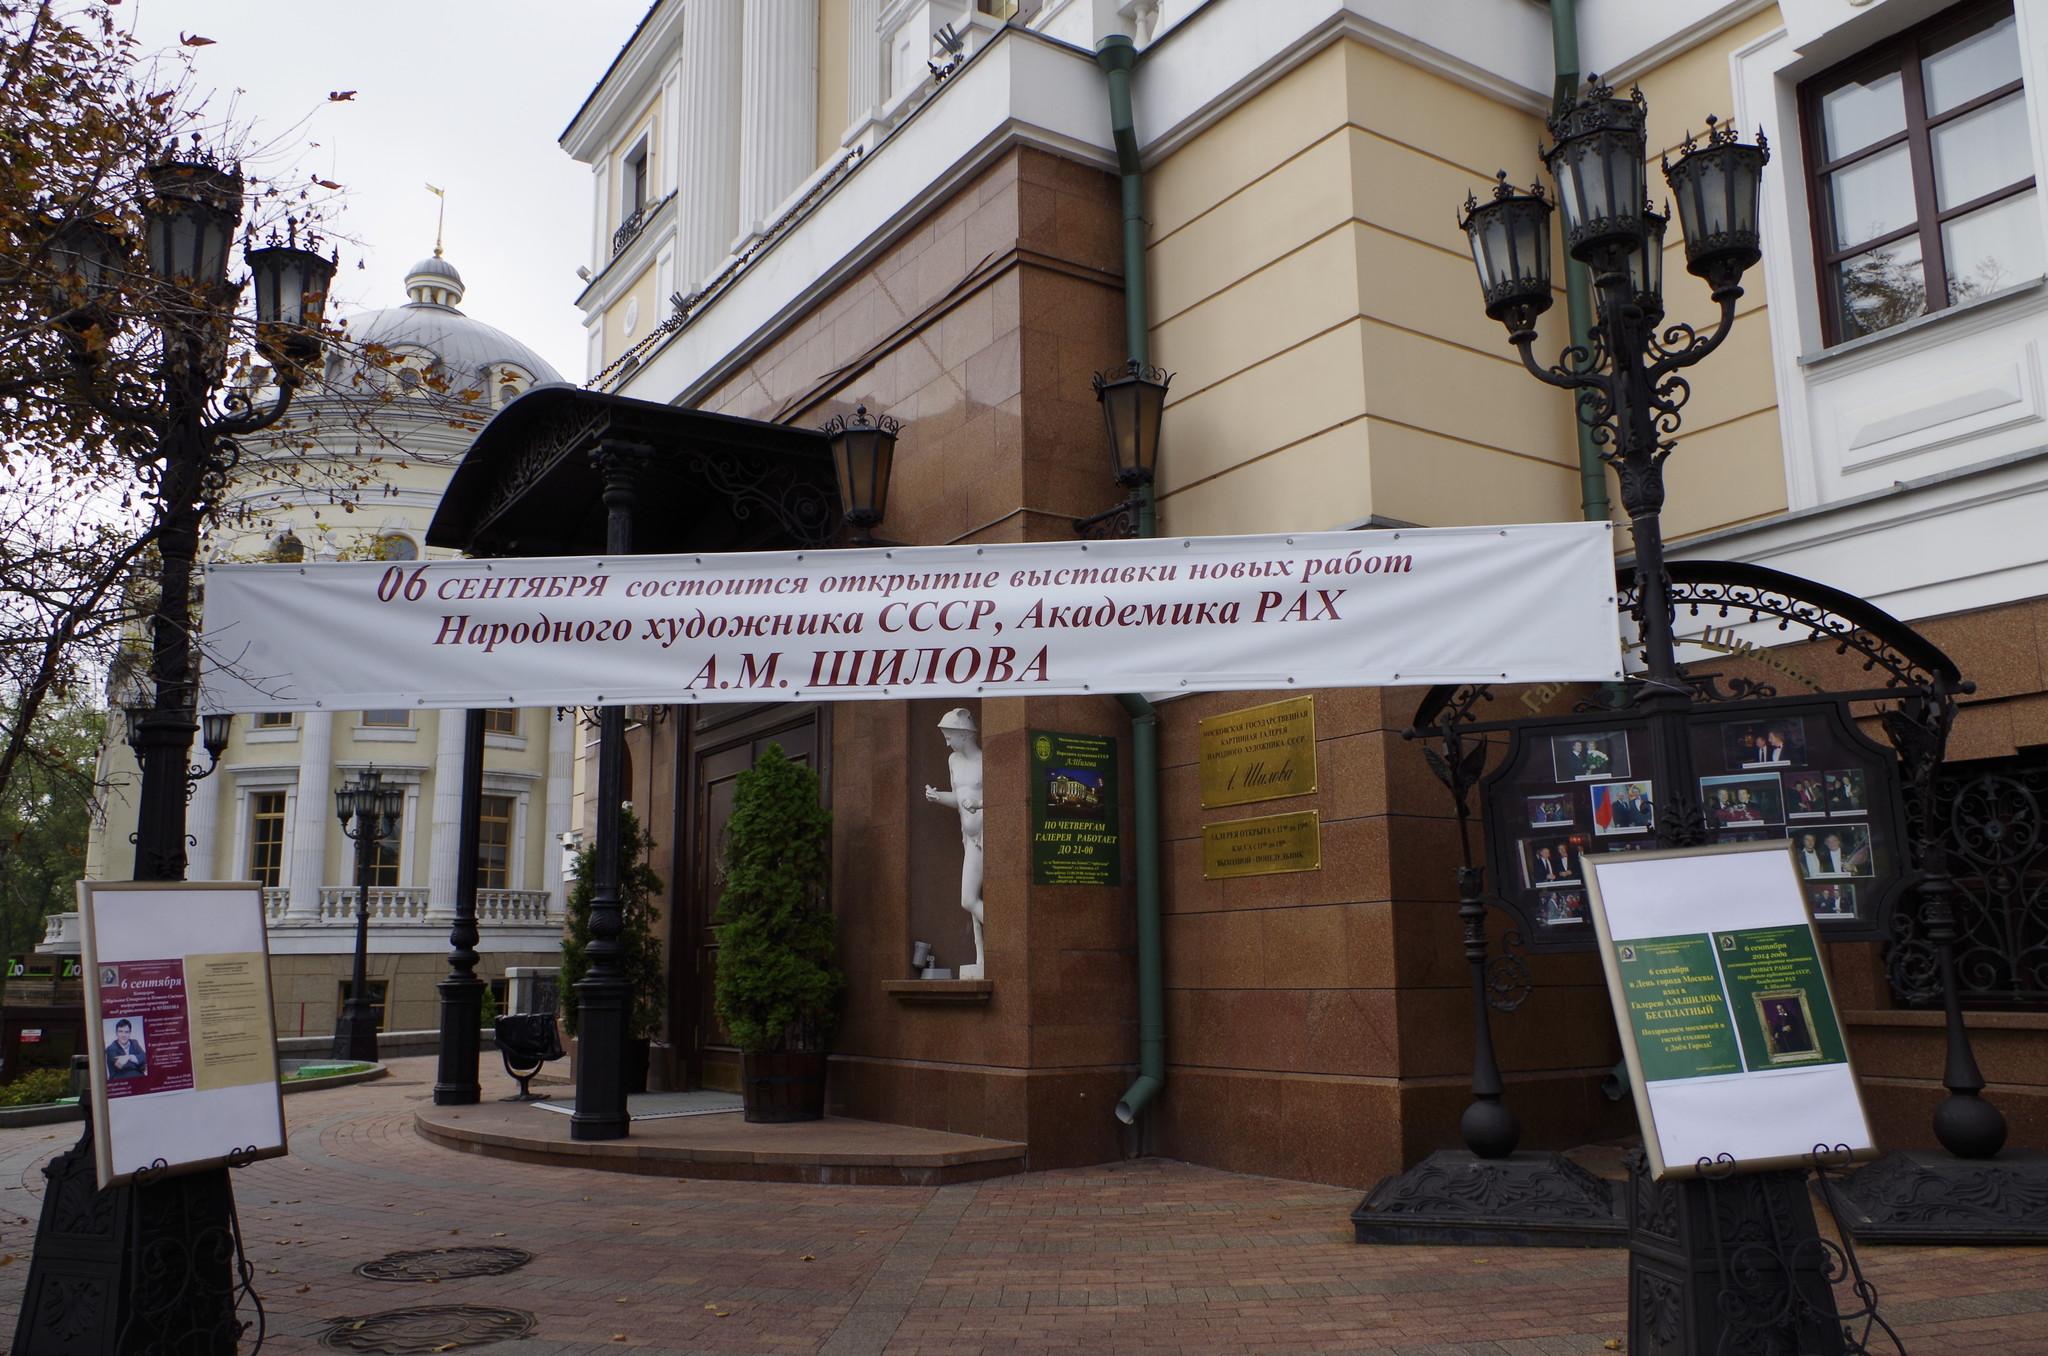 Выставка новых работ Александра Шилова